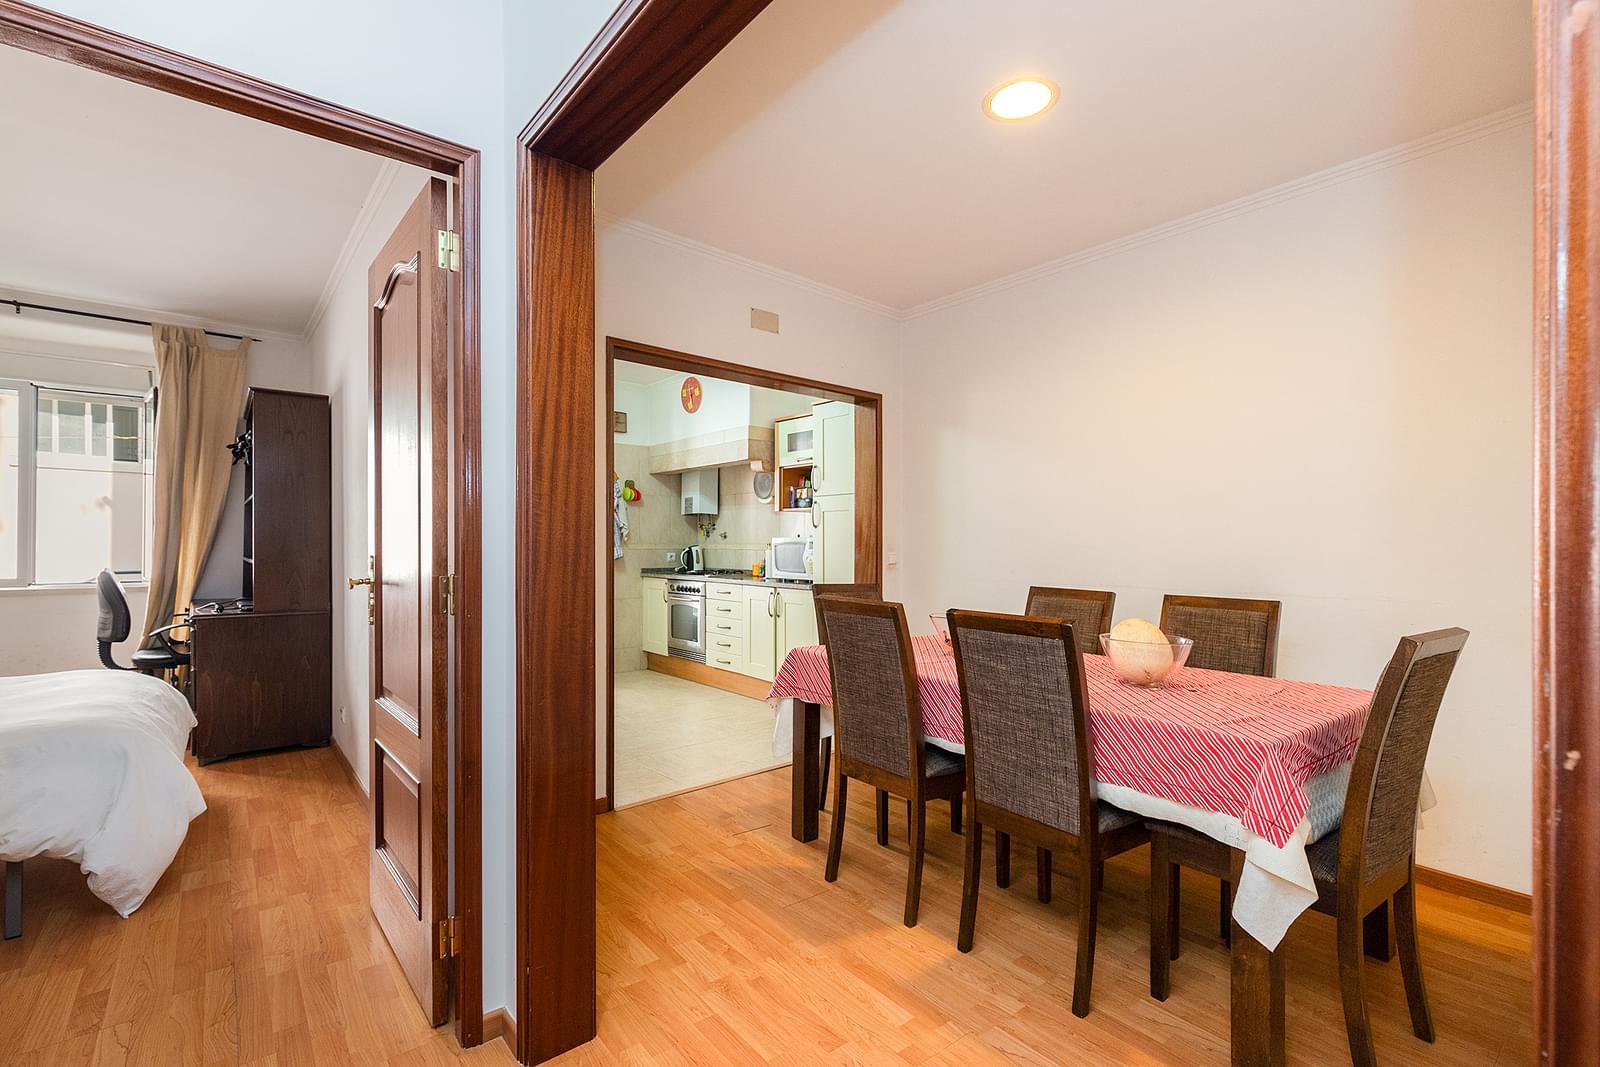 pf17978-apartamento-t3-lisboa-9d41e8e7-ef1c-46d3-bd17-35decc35dc04